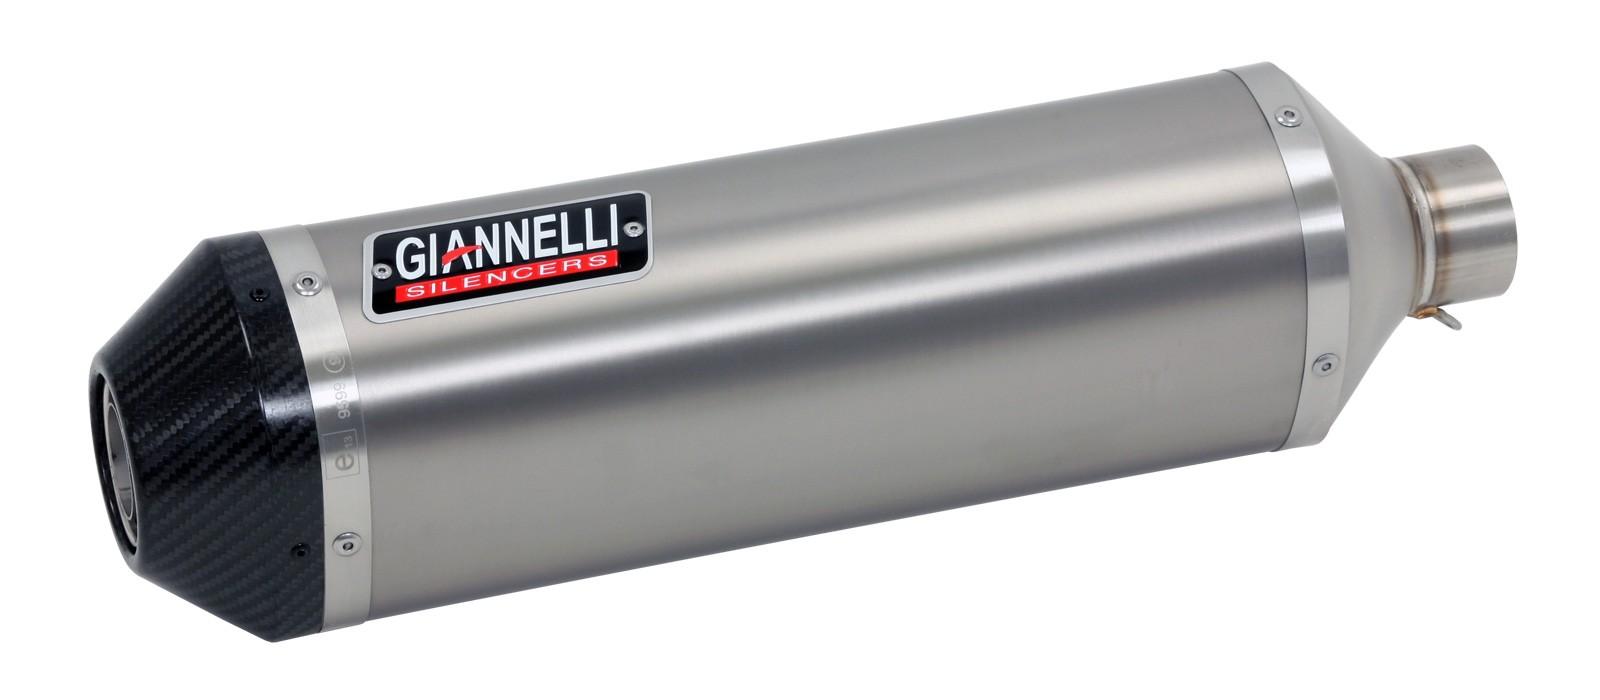 ESCAPES GIANNELLI YAMAHA - Sistema completo IPERSPORT Silenciador titanio con terminación carbono Yamaha T-MAX 530 Giann